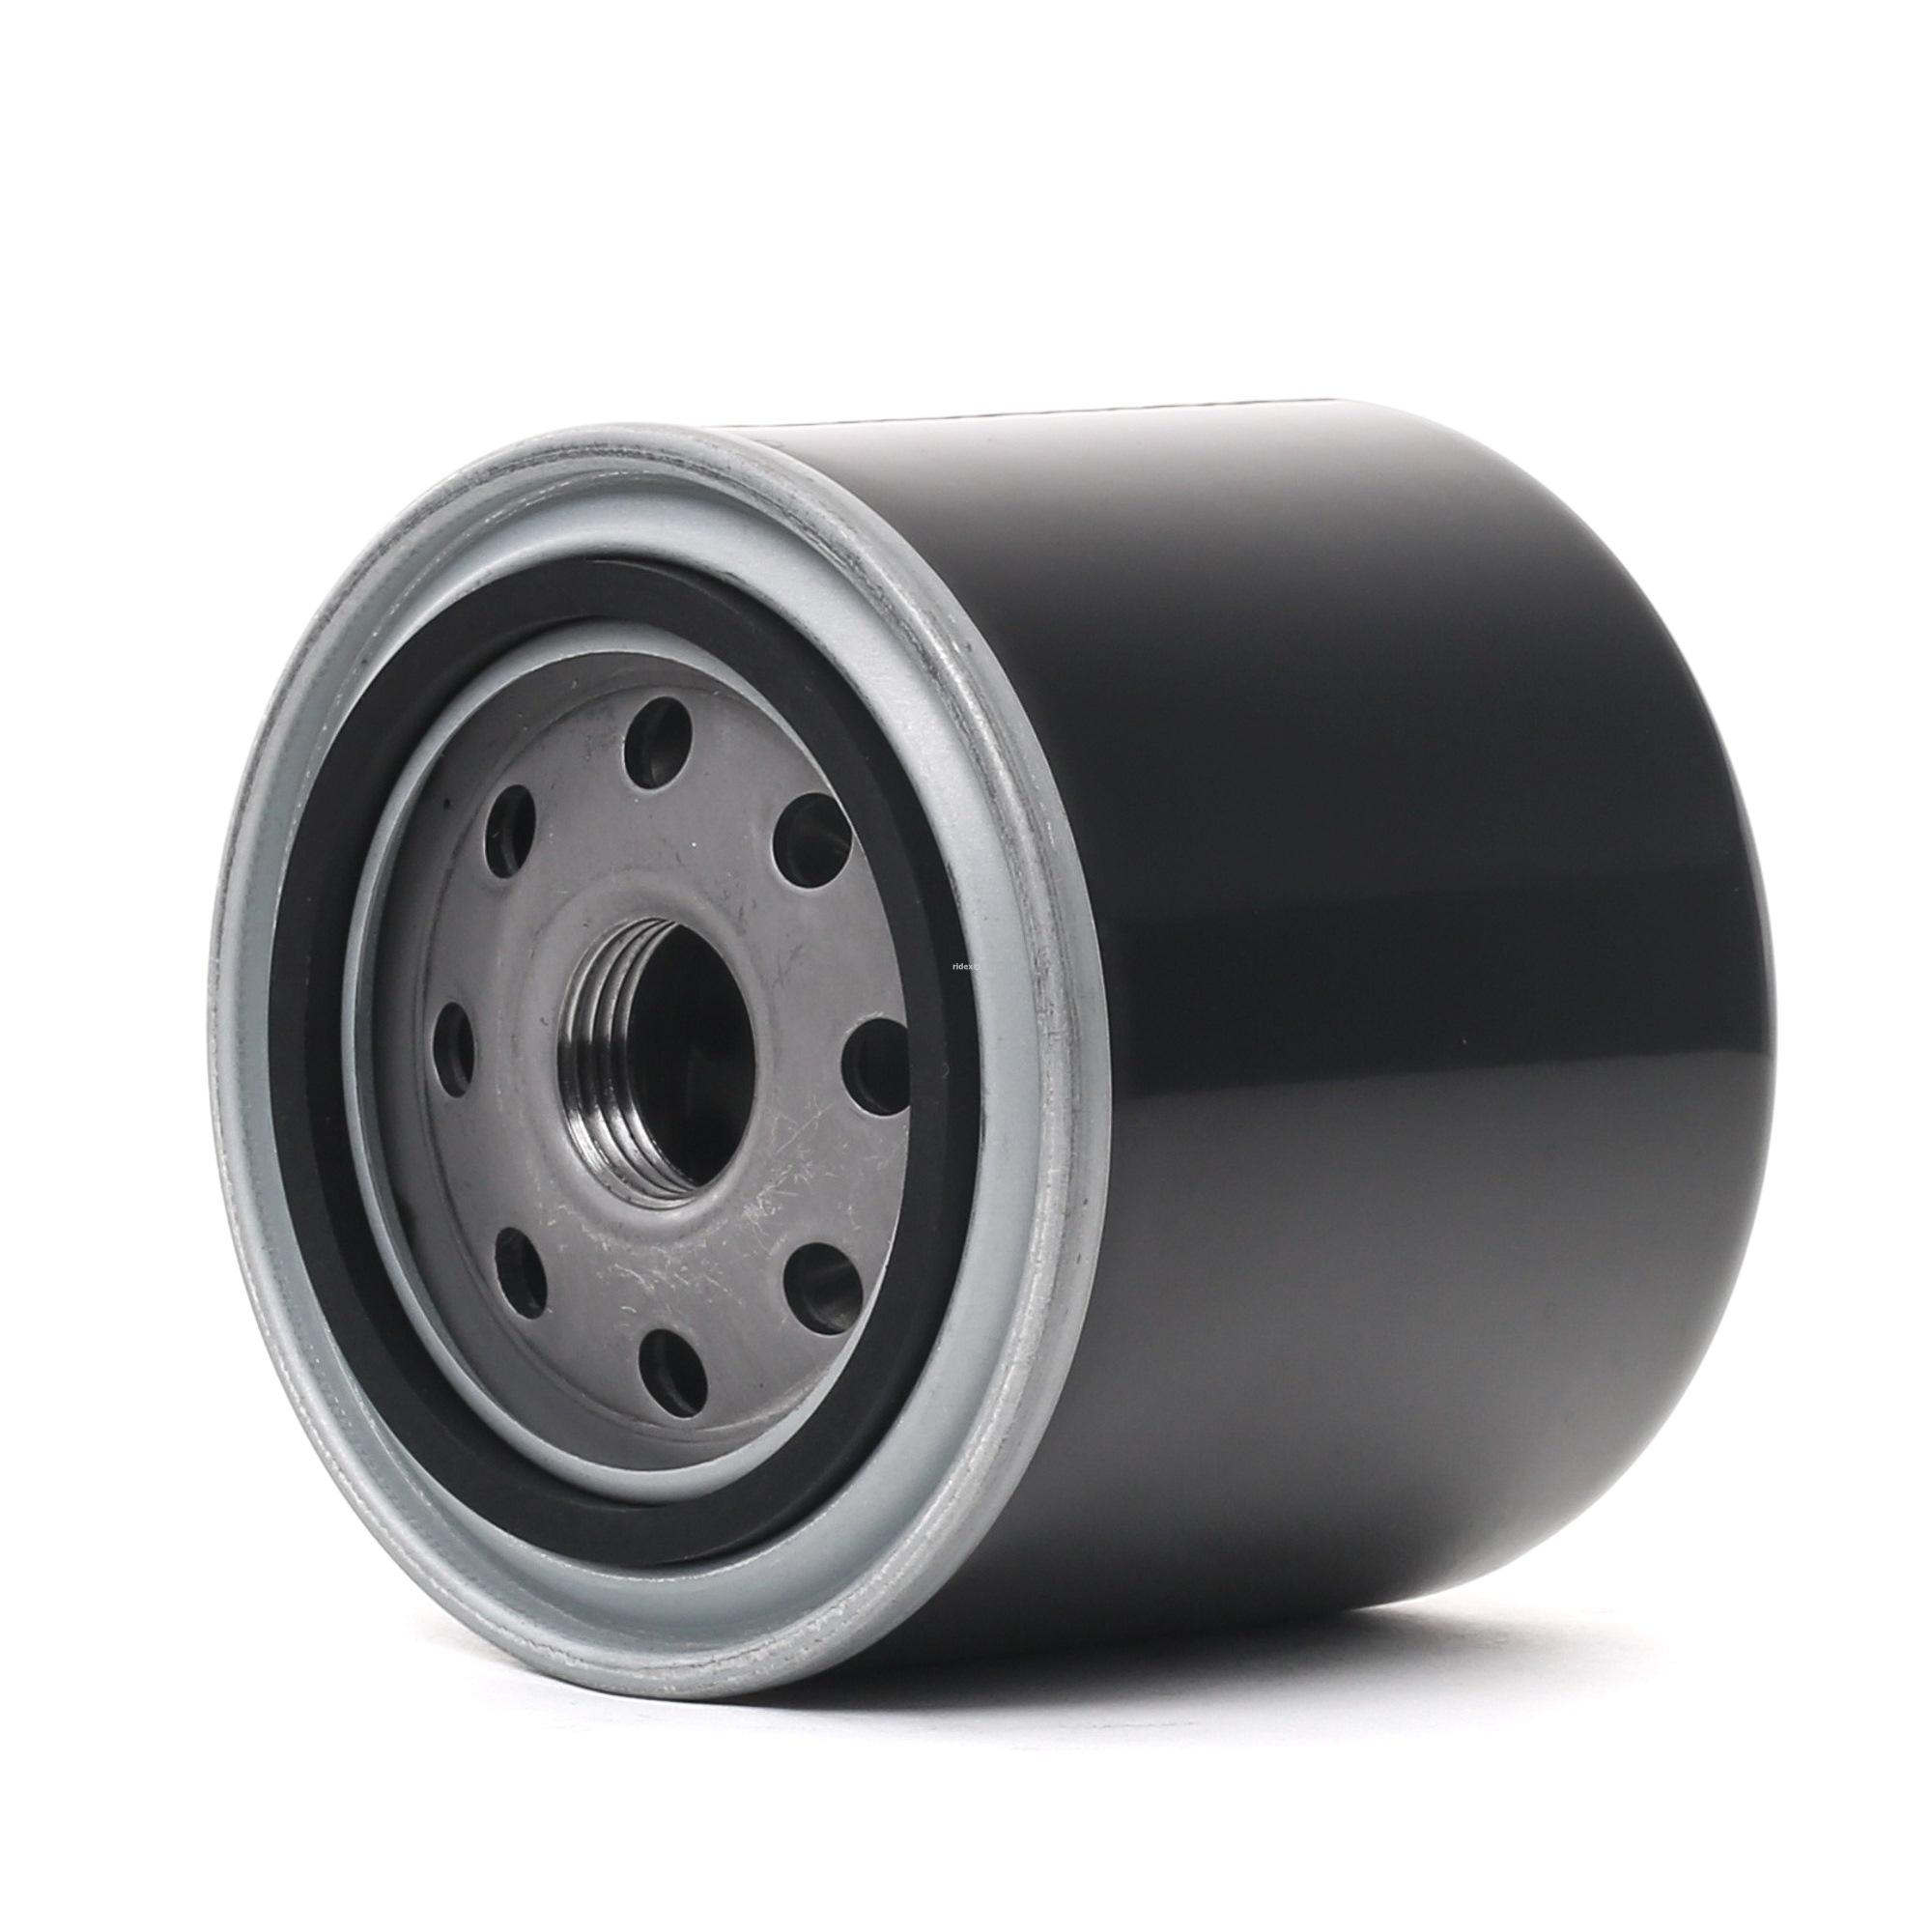 Achetez Filtre à carburant RIDEX 9F0240 (Hauteur: 82mm) à un rapport qualité-prix exceptionnel